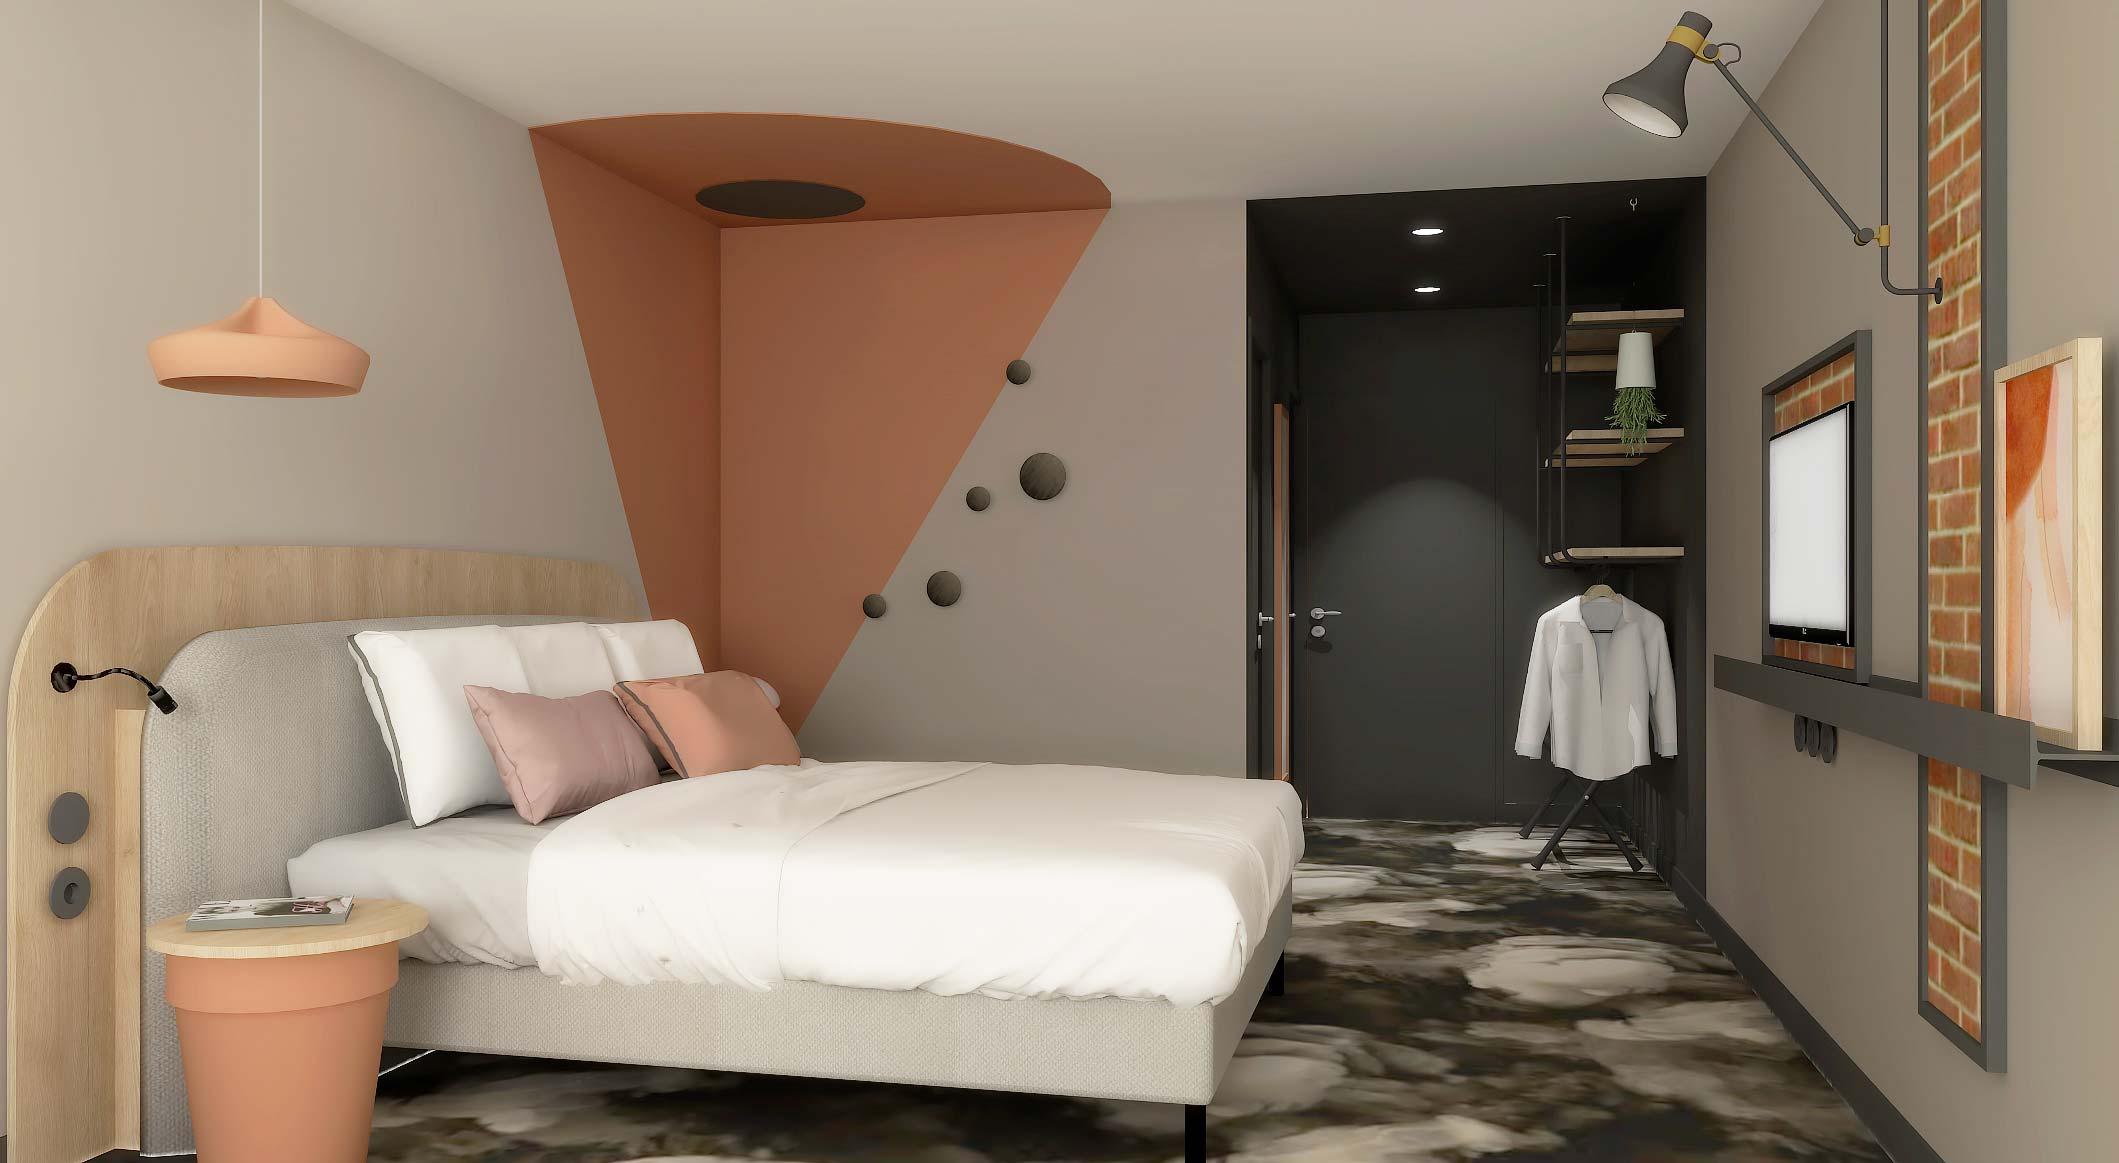 Réalisation d'une chambre d'hôtel de couleur terracotta